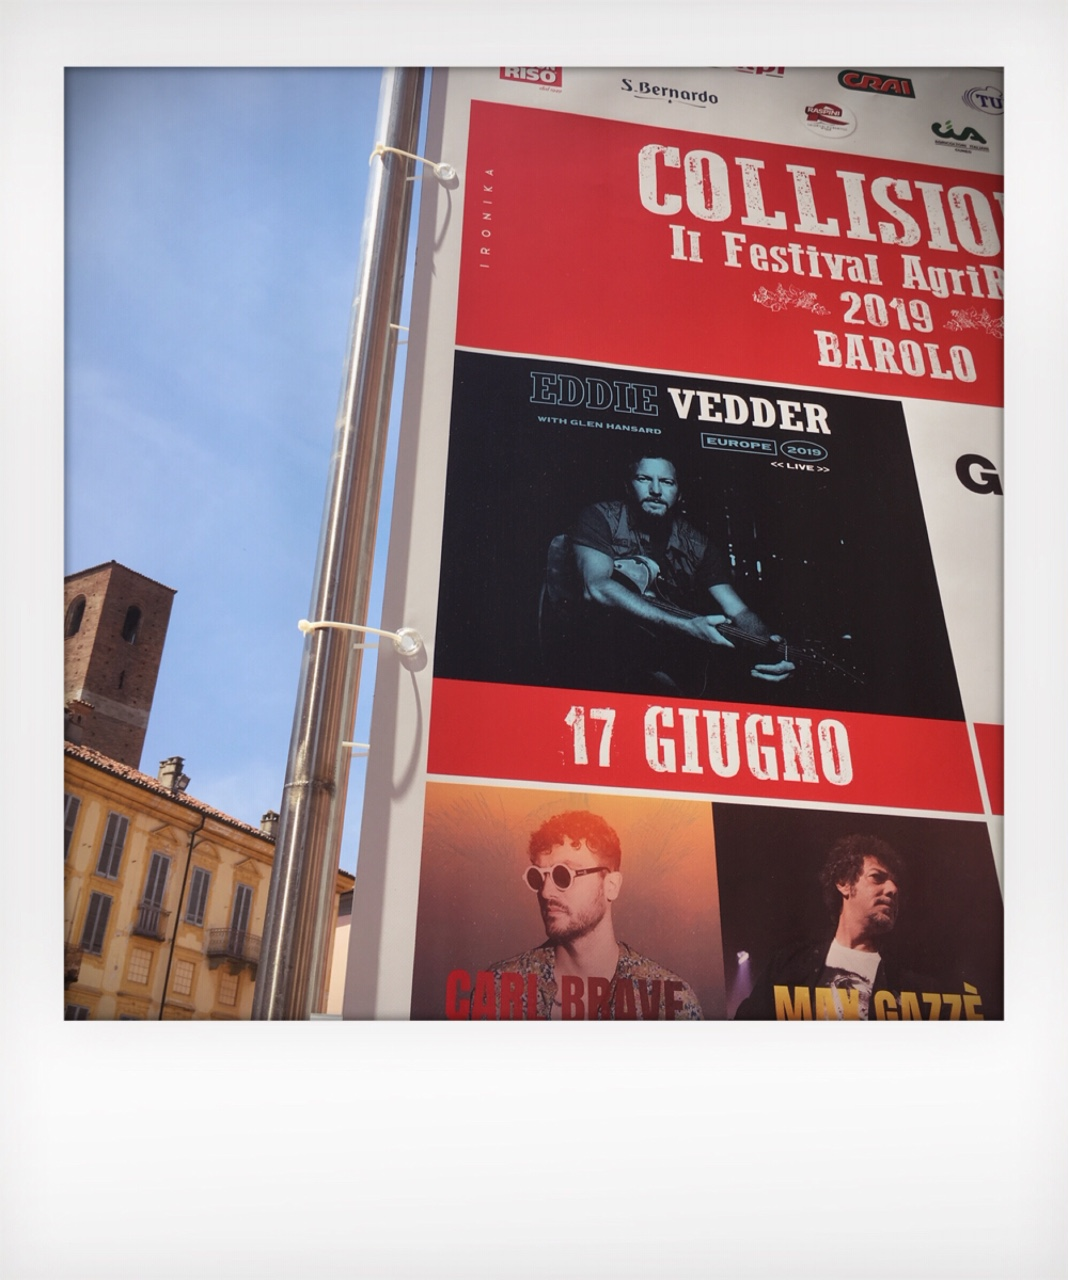 La bandiera rock del festival Collisioni a Barolo